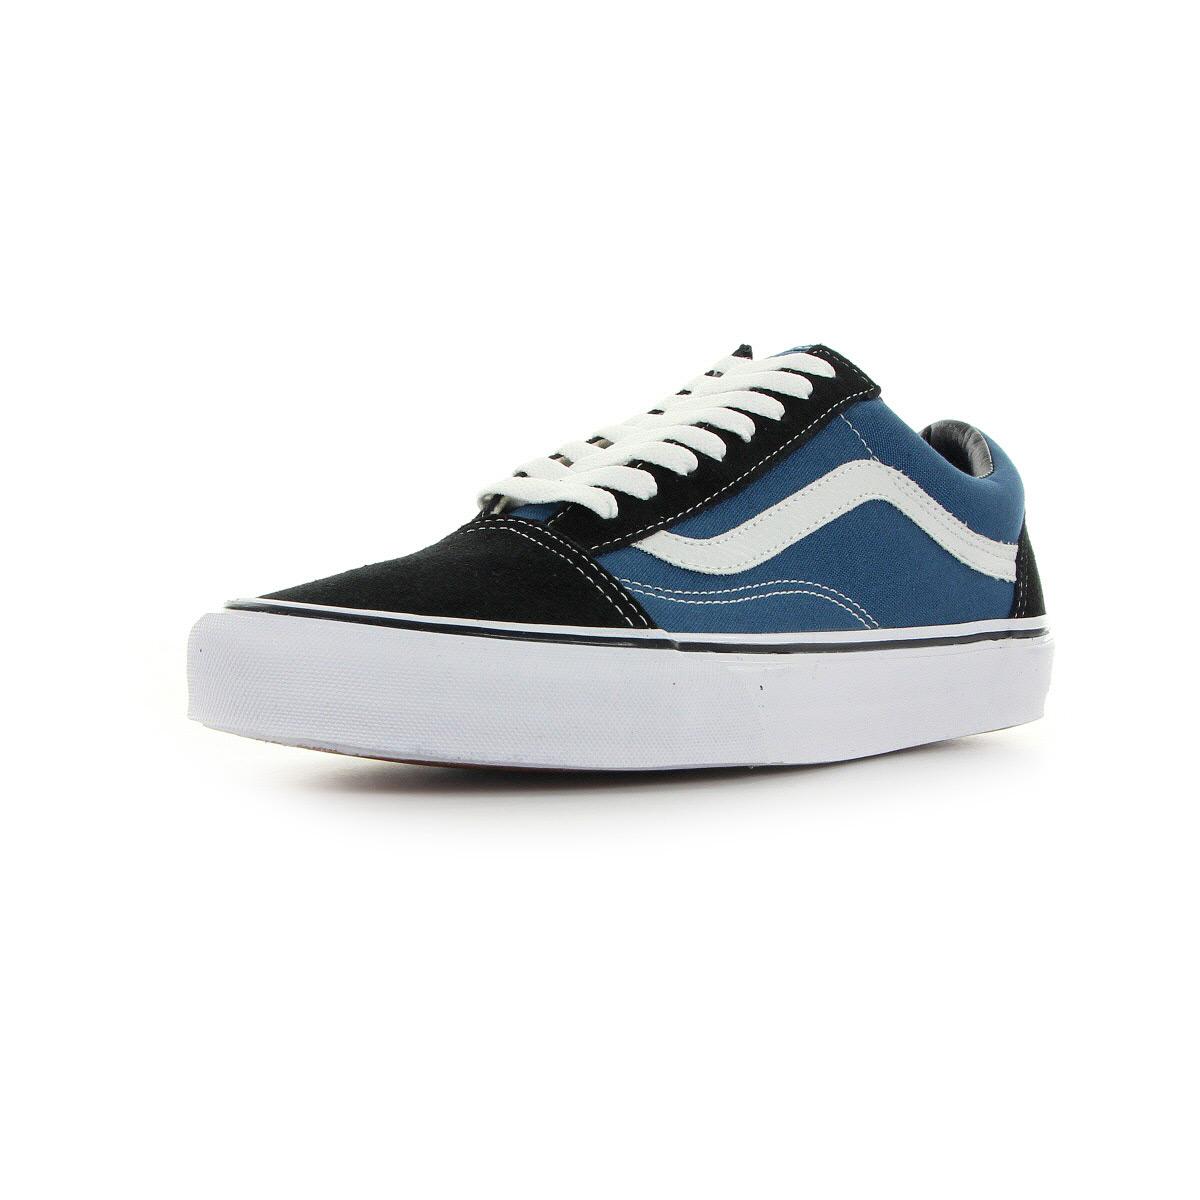 chaussures baskets vans homme old skool taille bleu marine bleue textile lacets ebay. Black Bedroom Furniture Sets. Home Design Ideas